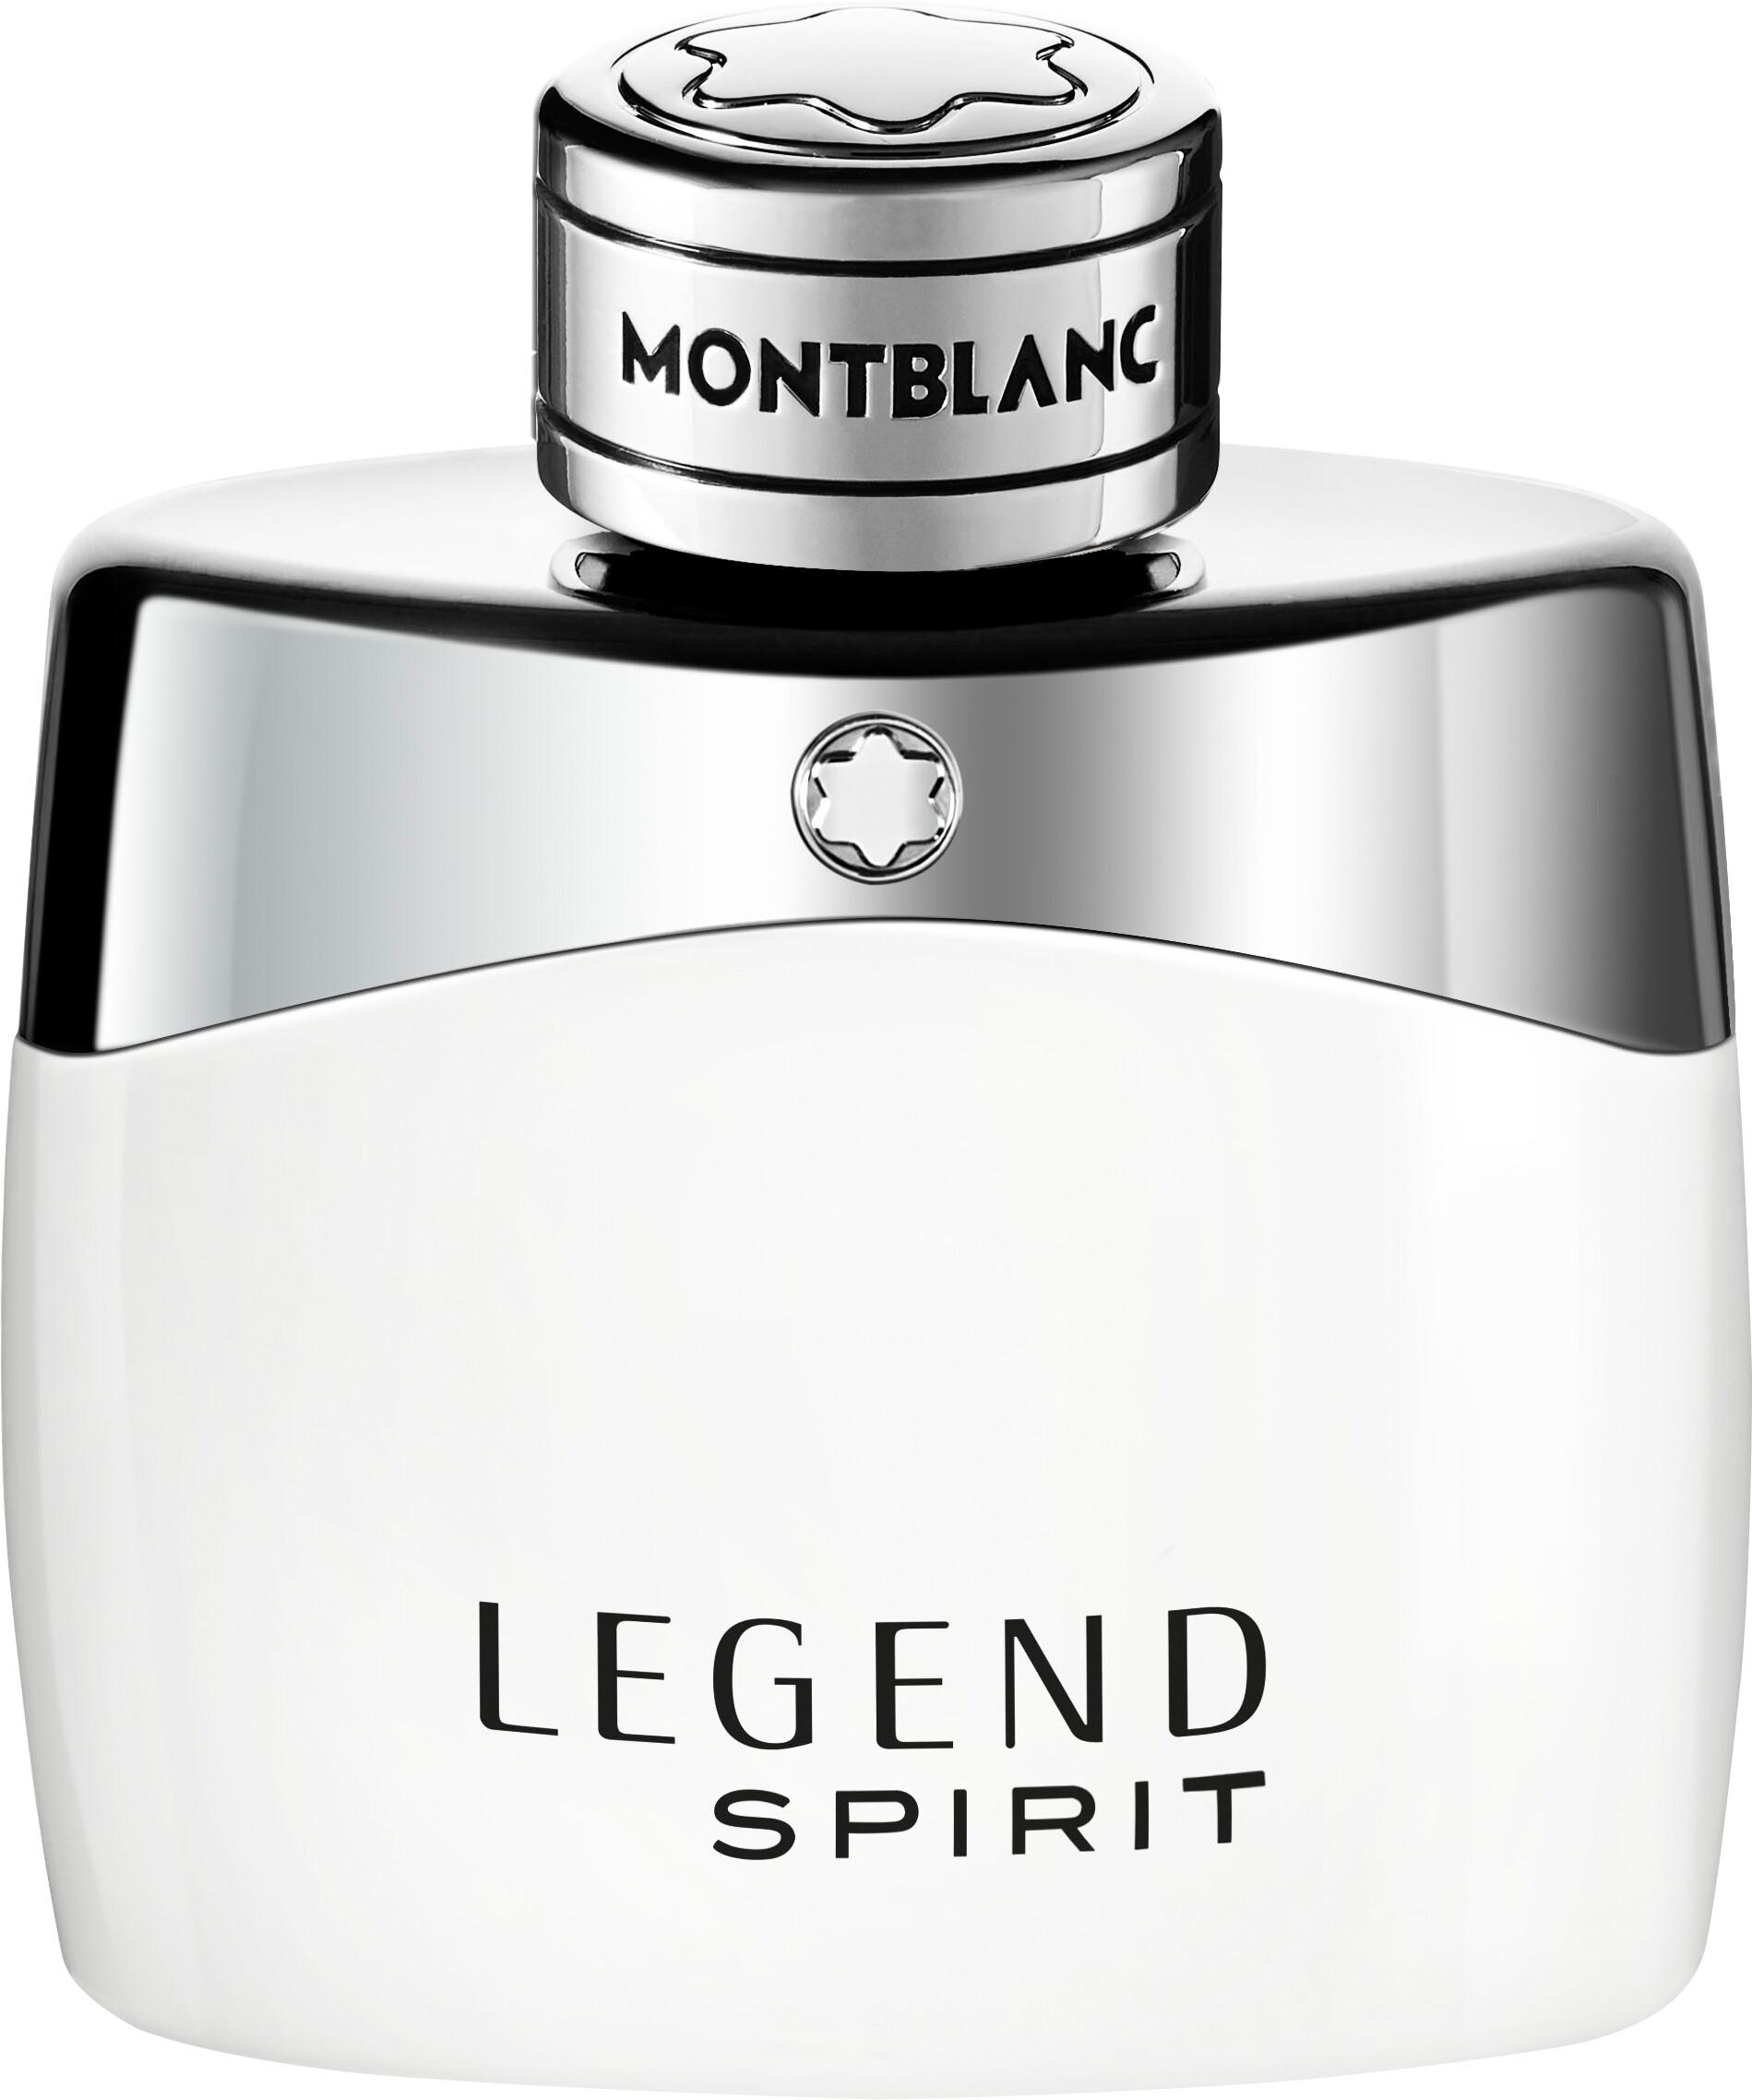 montblanc legend spirit eau de toilette spray. Black Bedroom Furniture Sets. Home Design Ideas